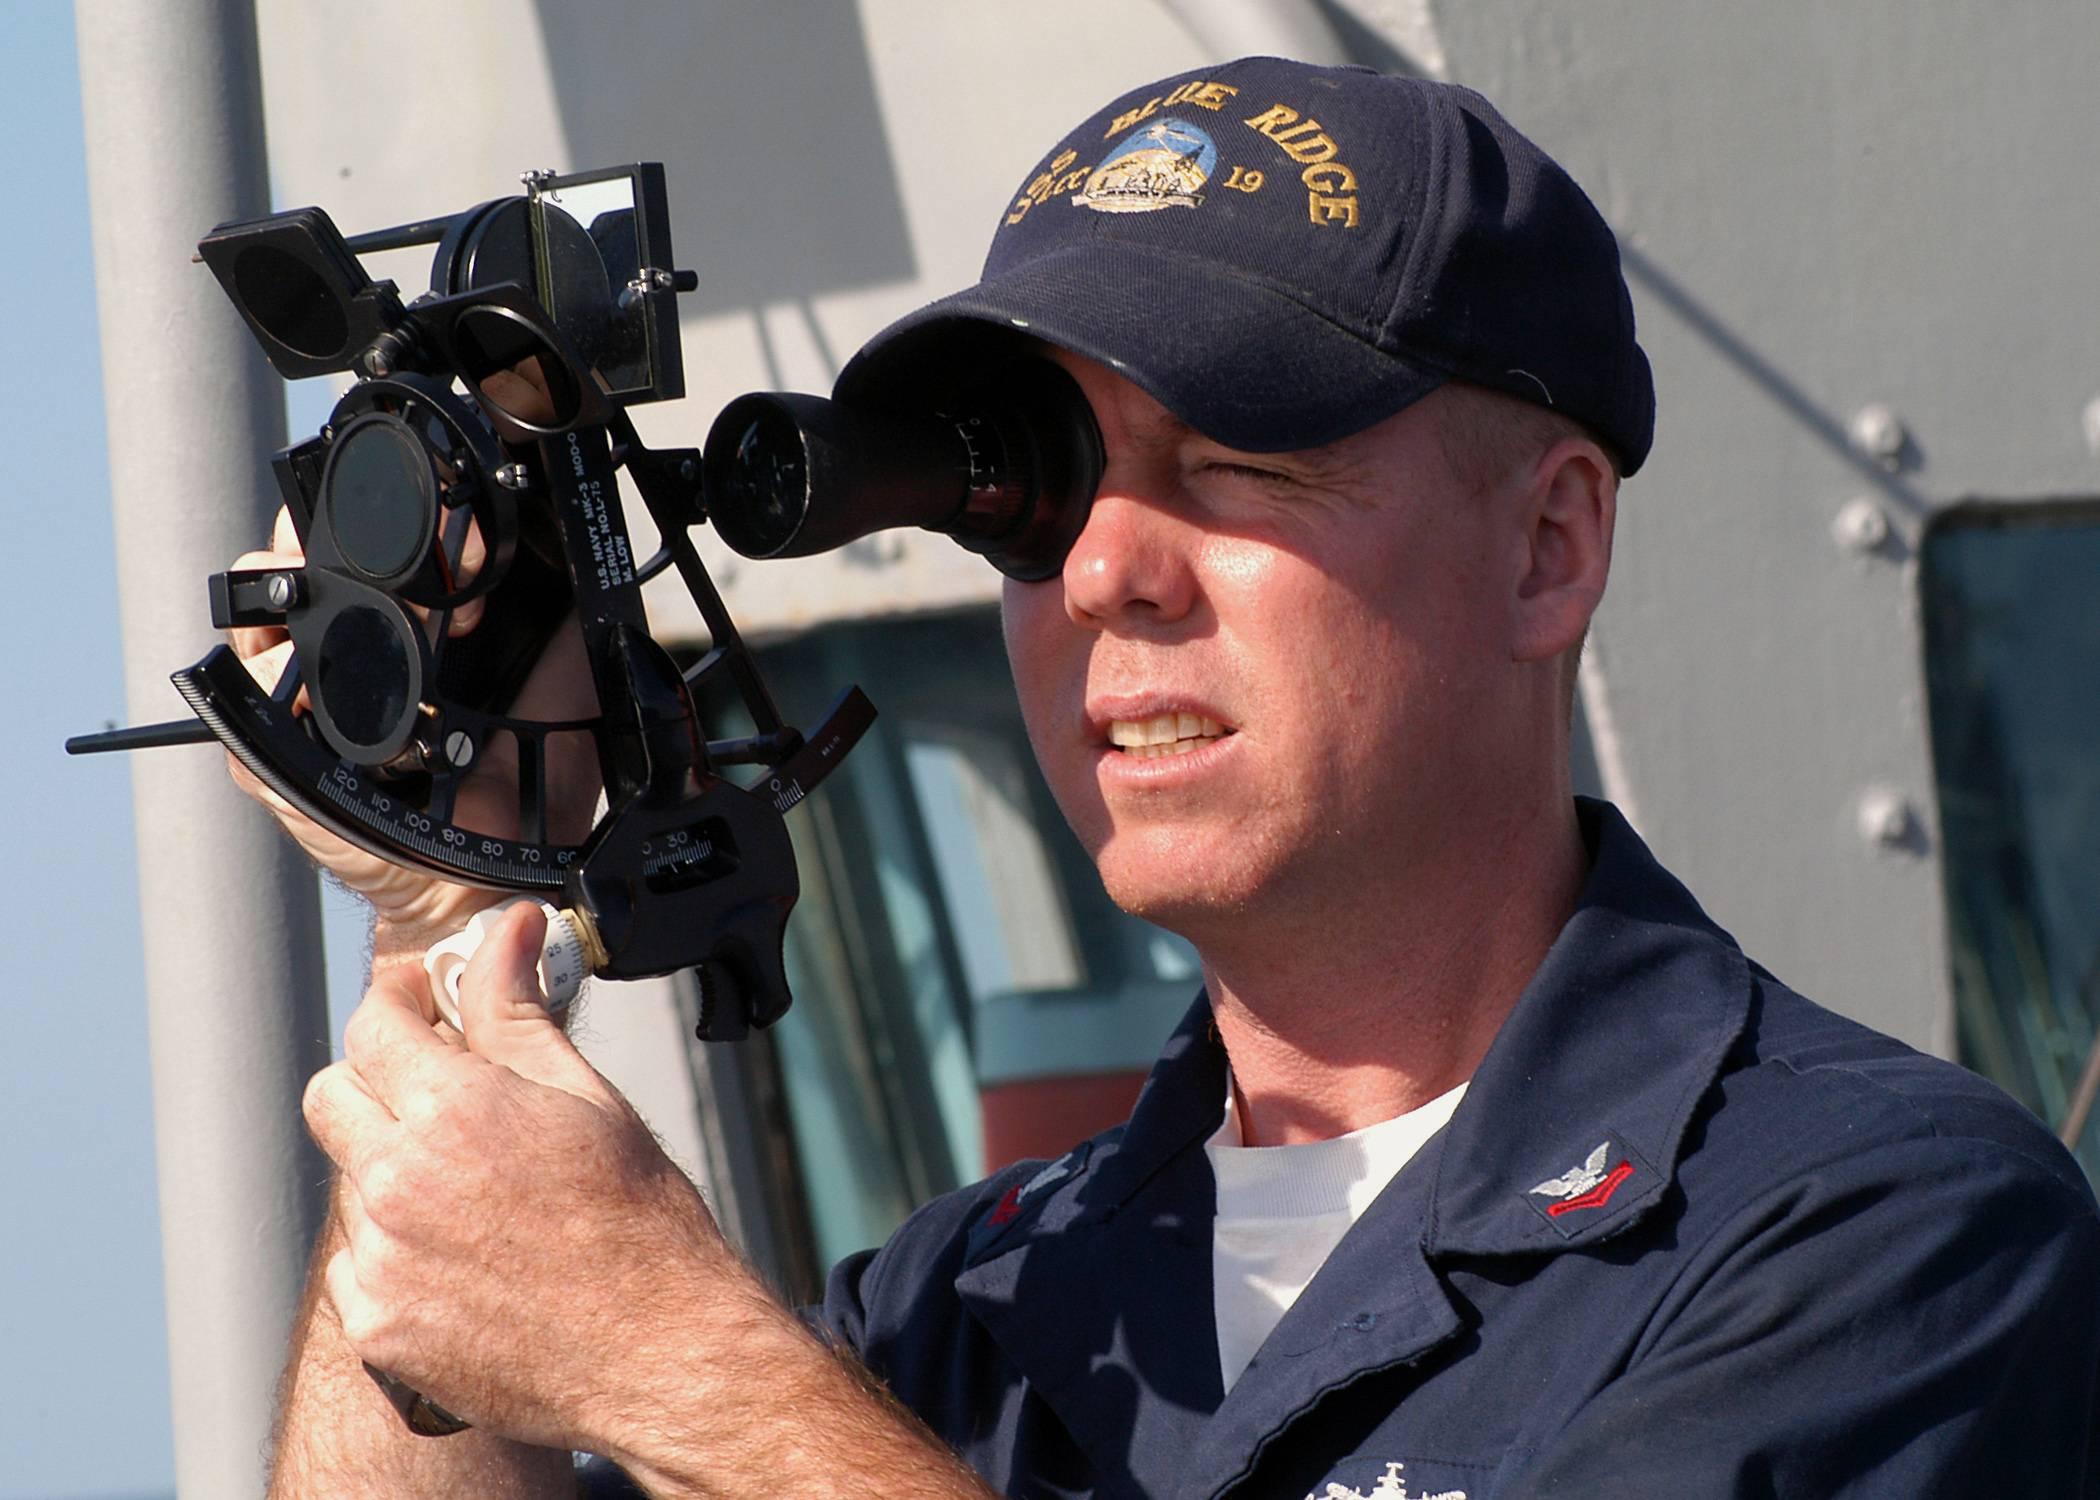 U.S. Navy photo by Novia E. Harrington